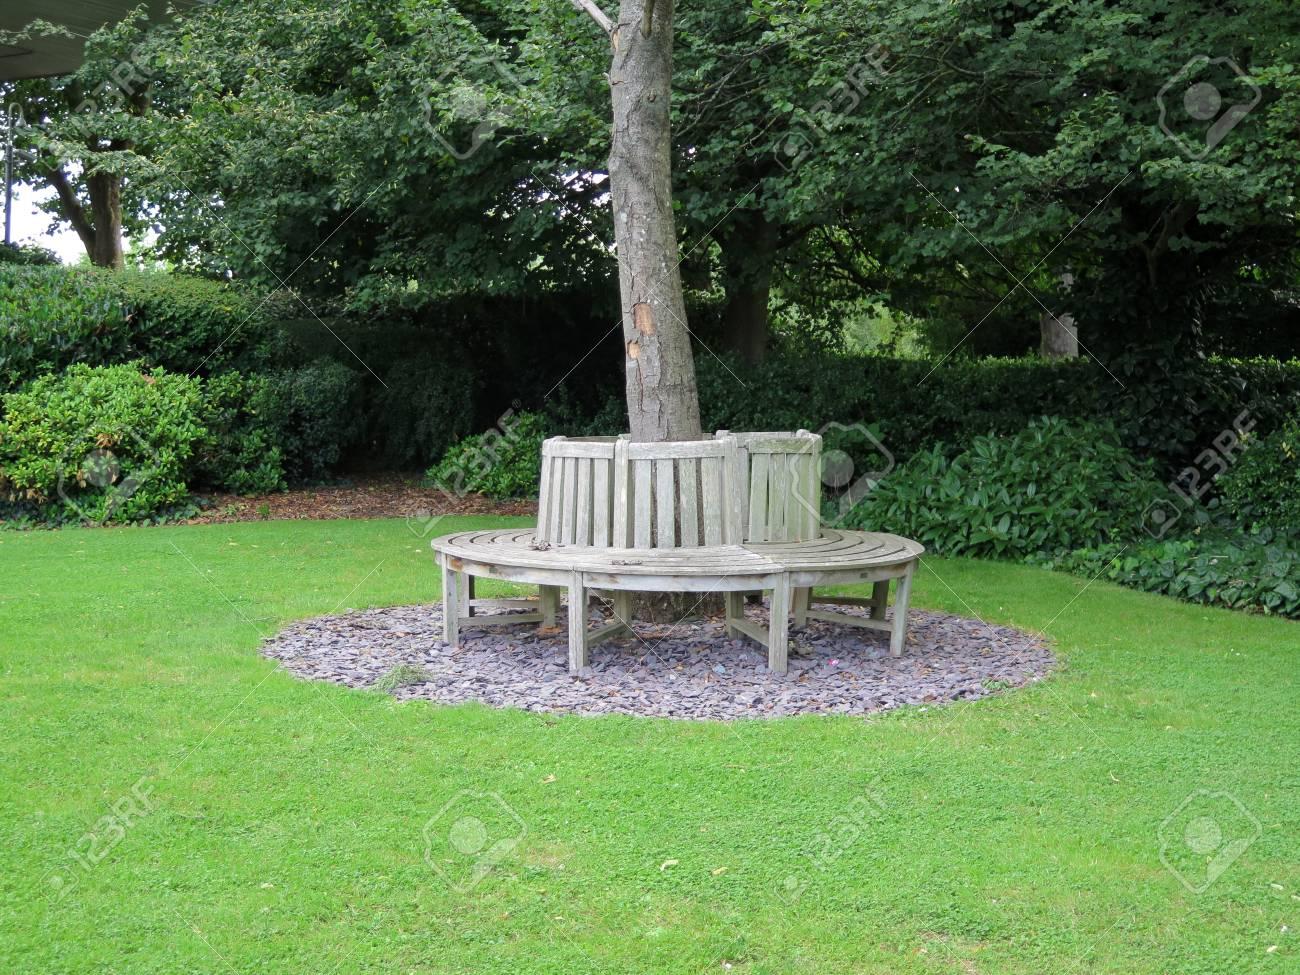 Banc Circulaire En Bois Autour Darbre Dans Le Jardin Sur Les Rives